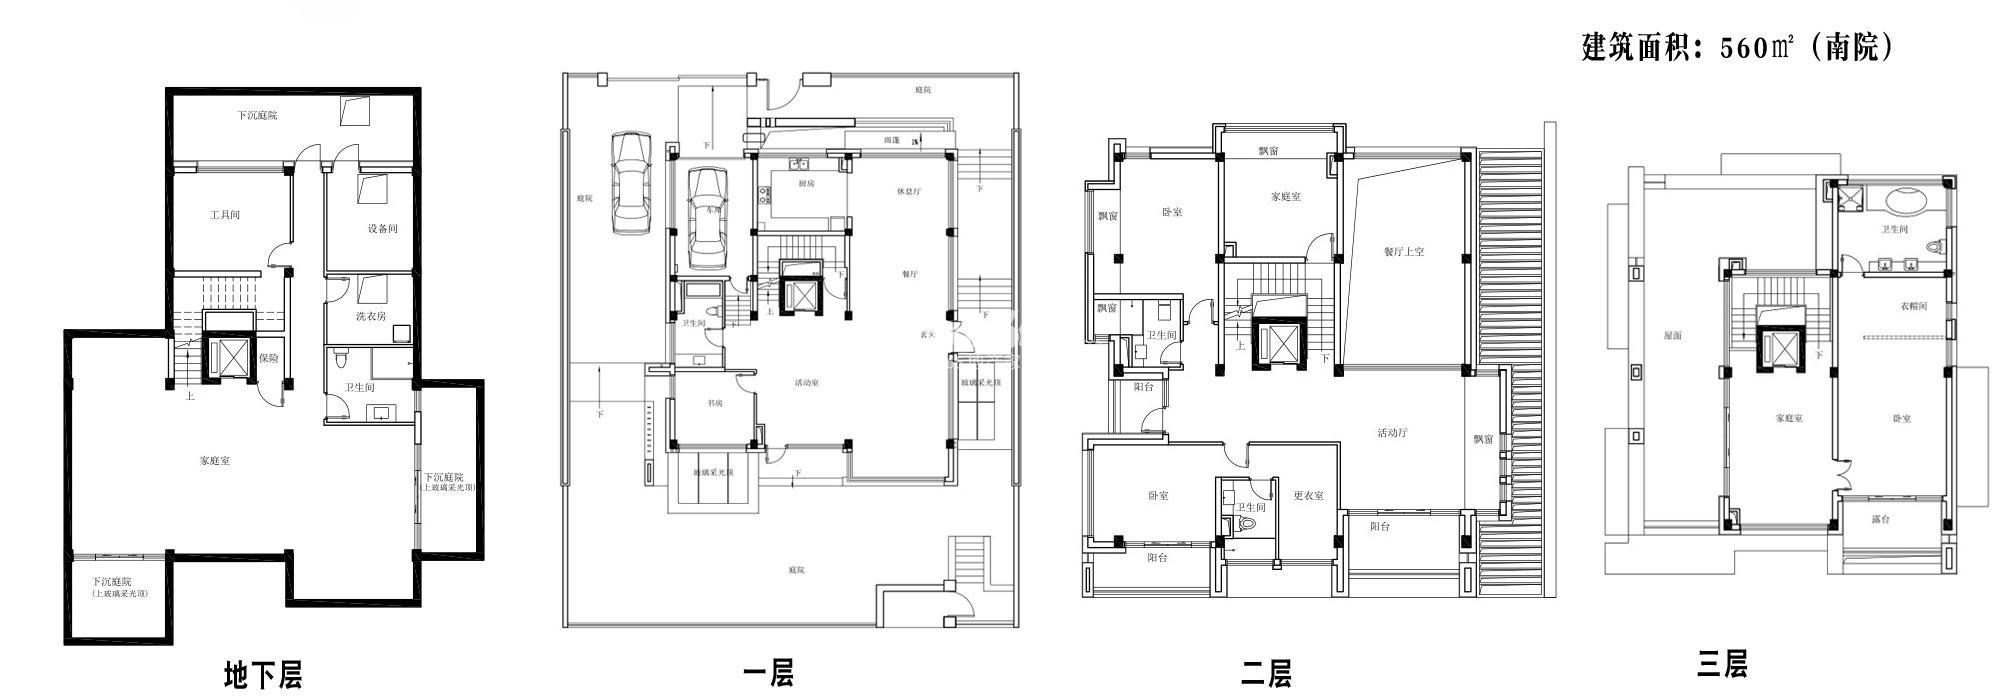 保利独墅西岸约560平户型(南院)平面图